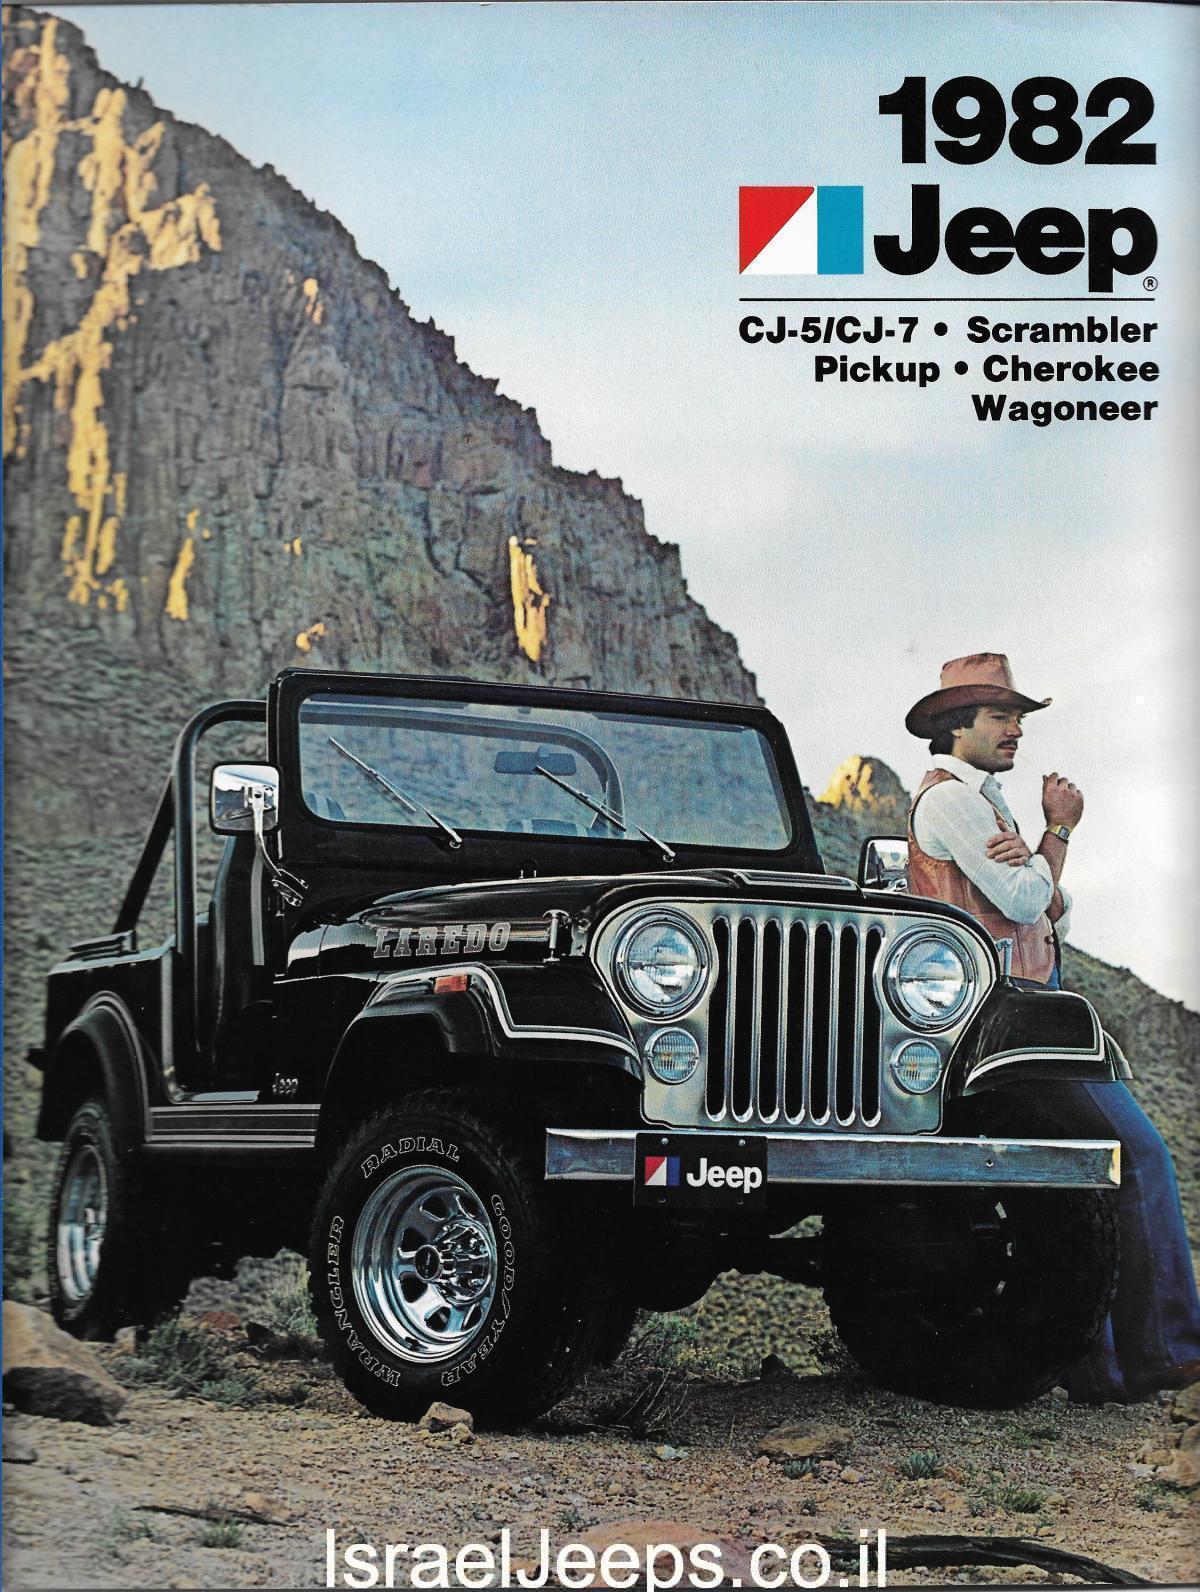 קטלוג ג'יפ 1982